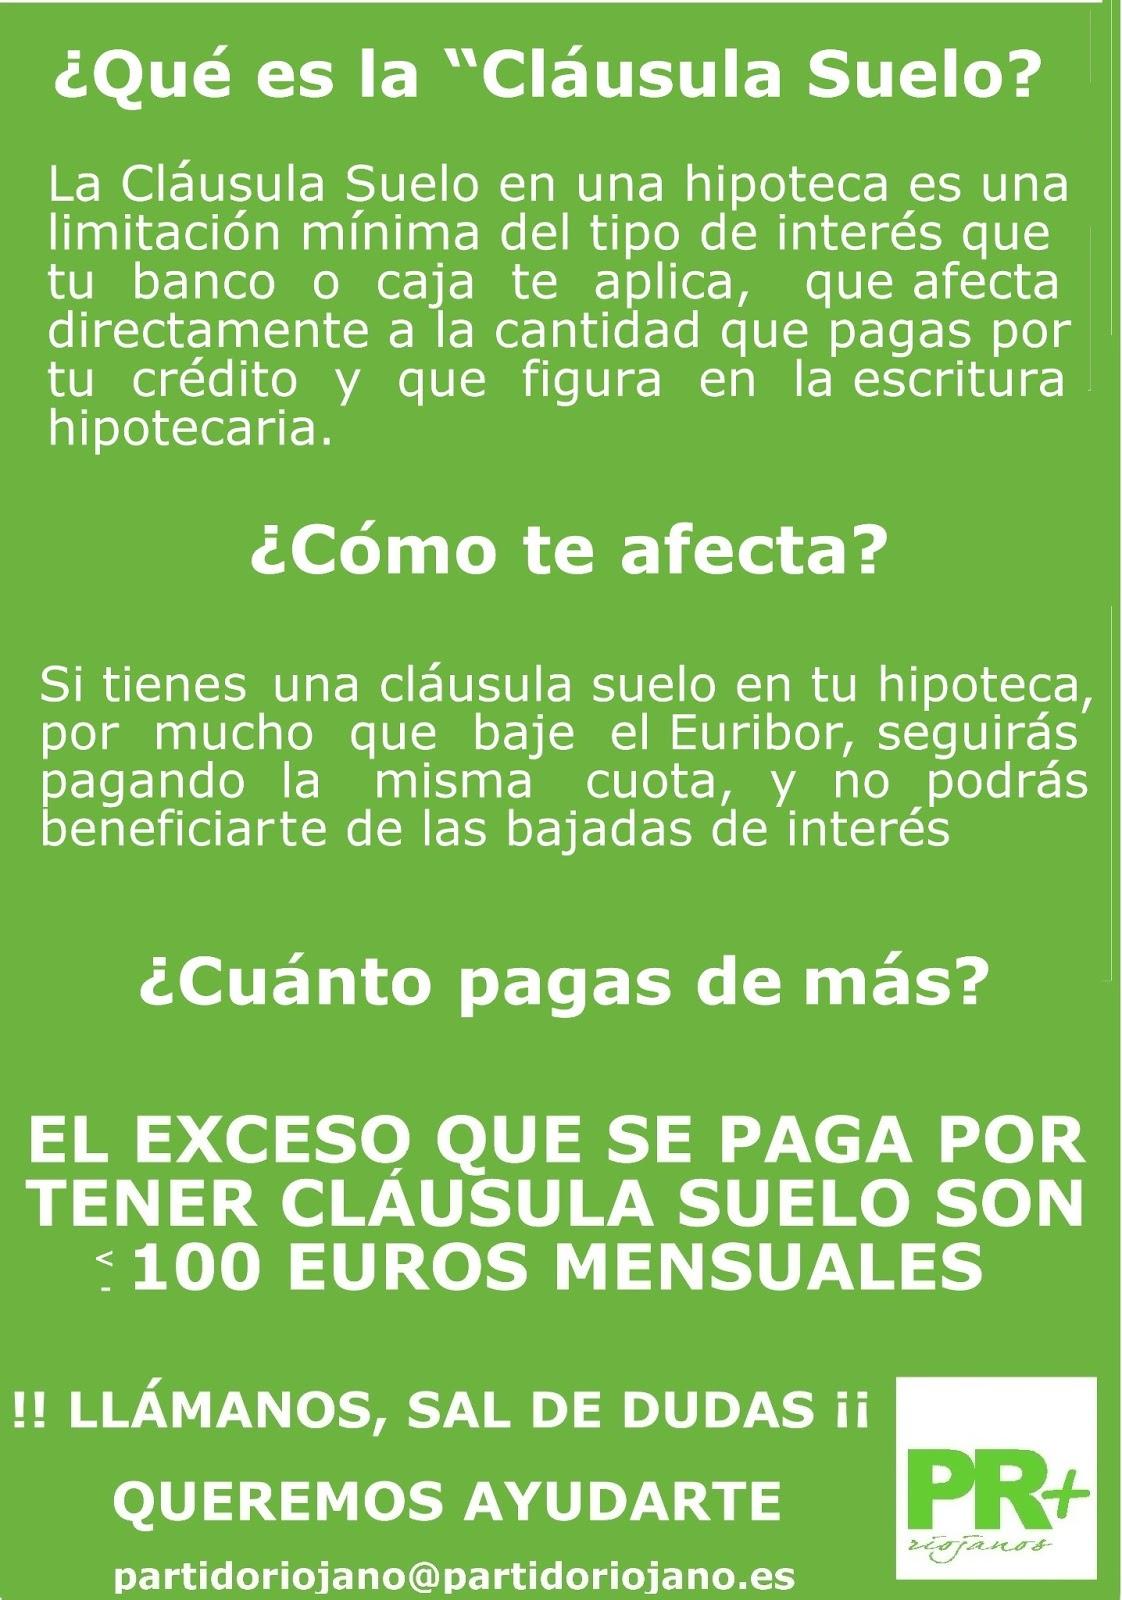 Riojanos como t tienes clausula suelo en tu hipoteca for Clausula suelo mayo 2013